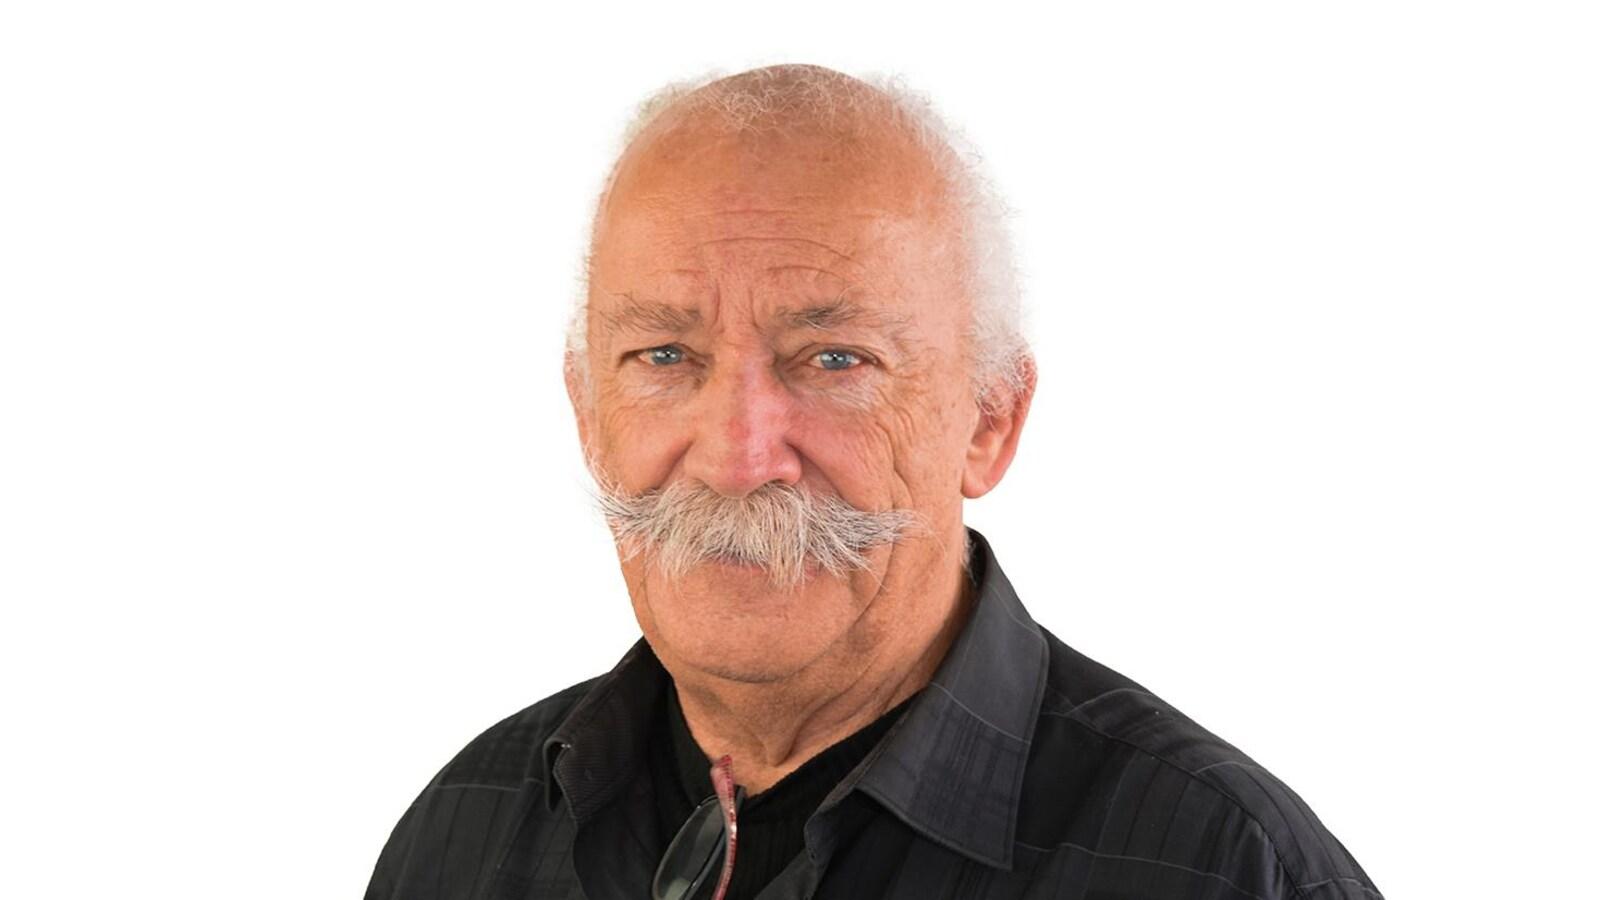 Un homme qui a une moustache